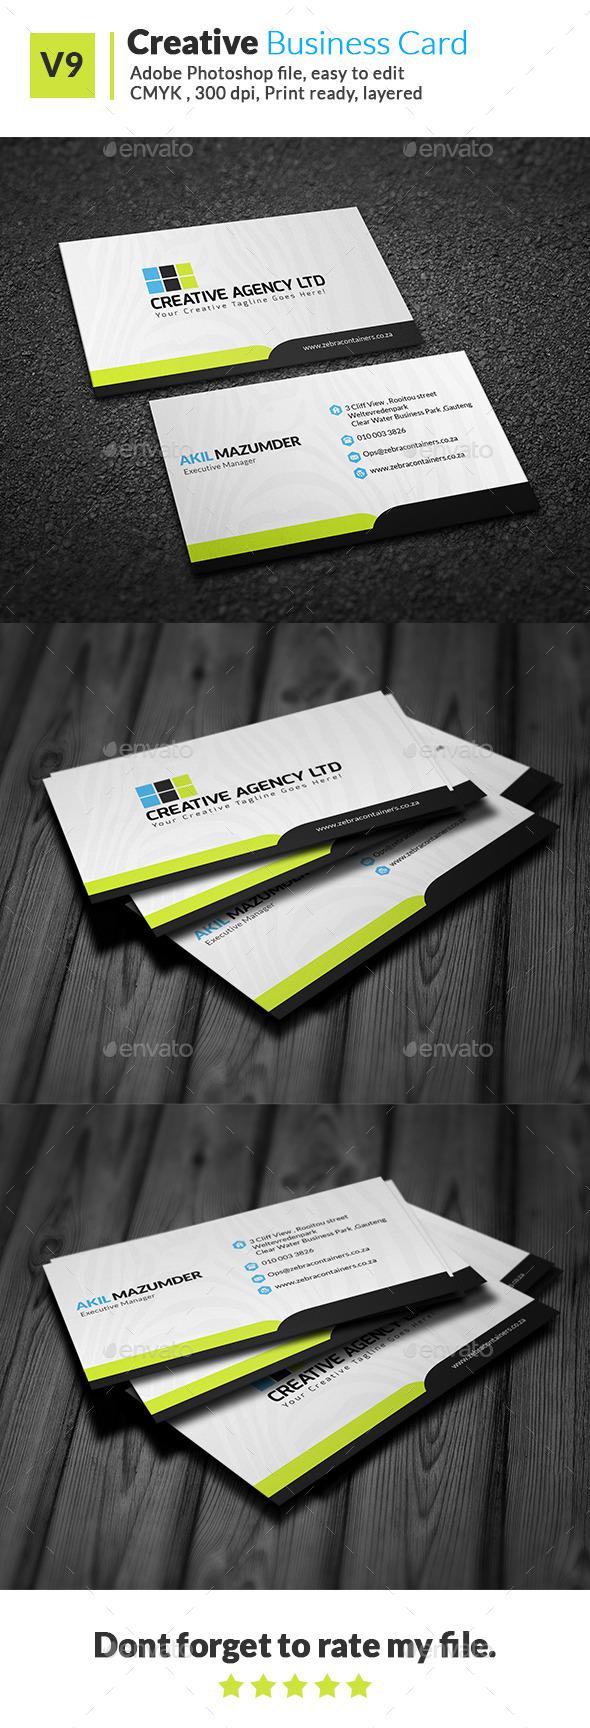 GraphicRiver Creative Business Card V9 11642434